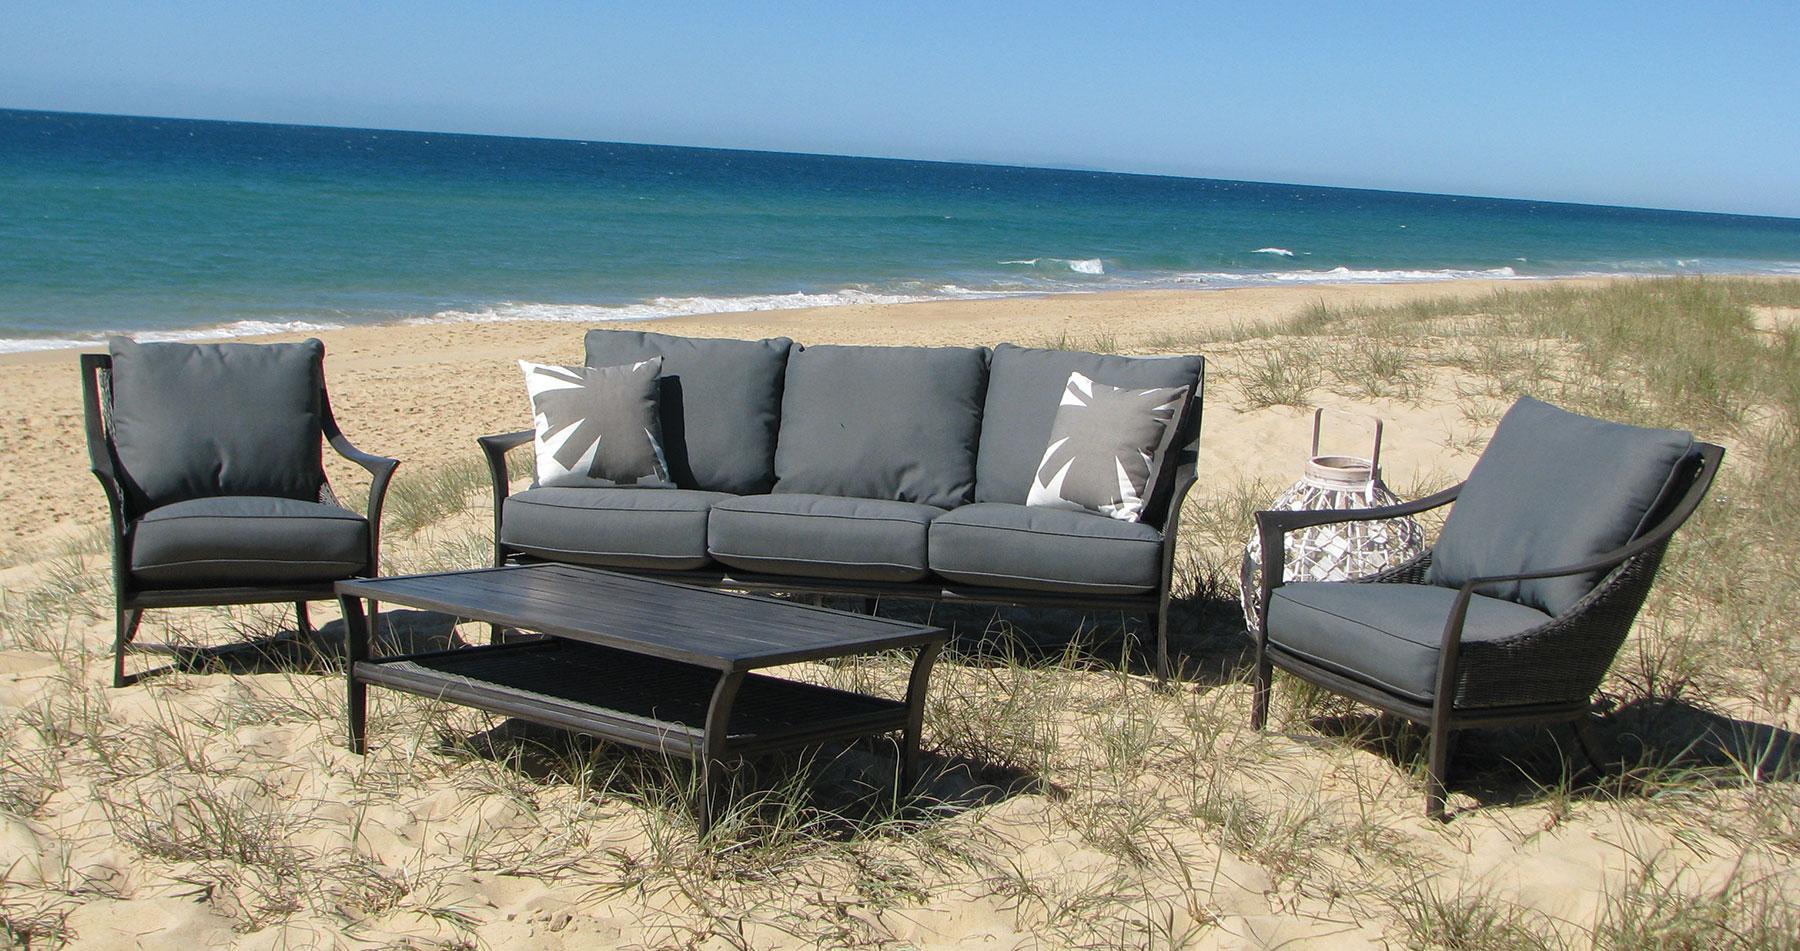 Beachcomber wicker outdoor furniture setting